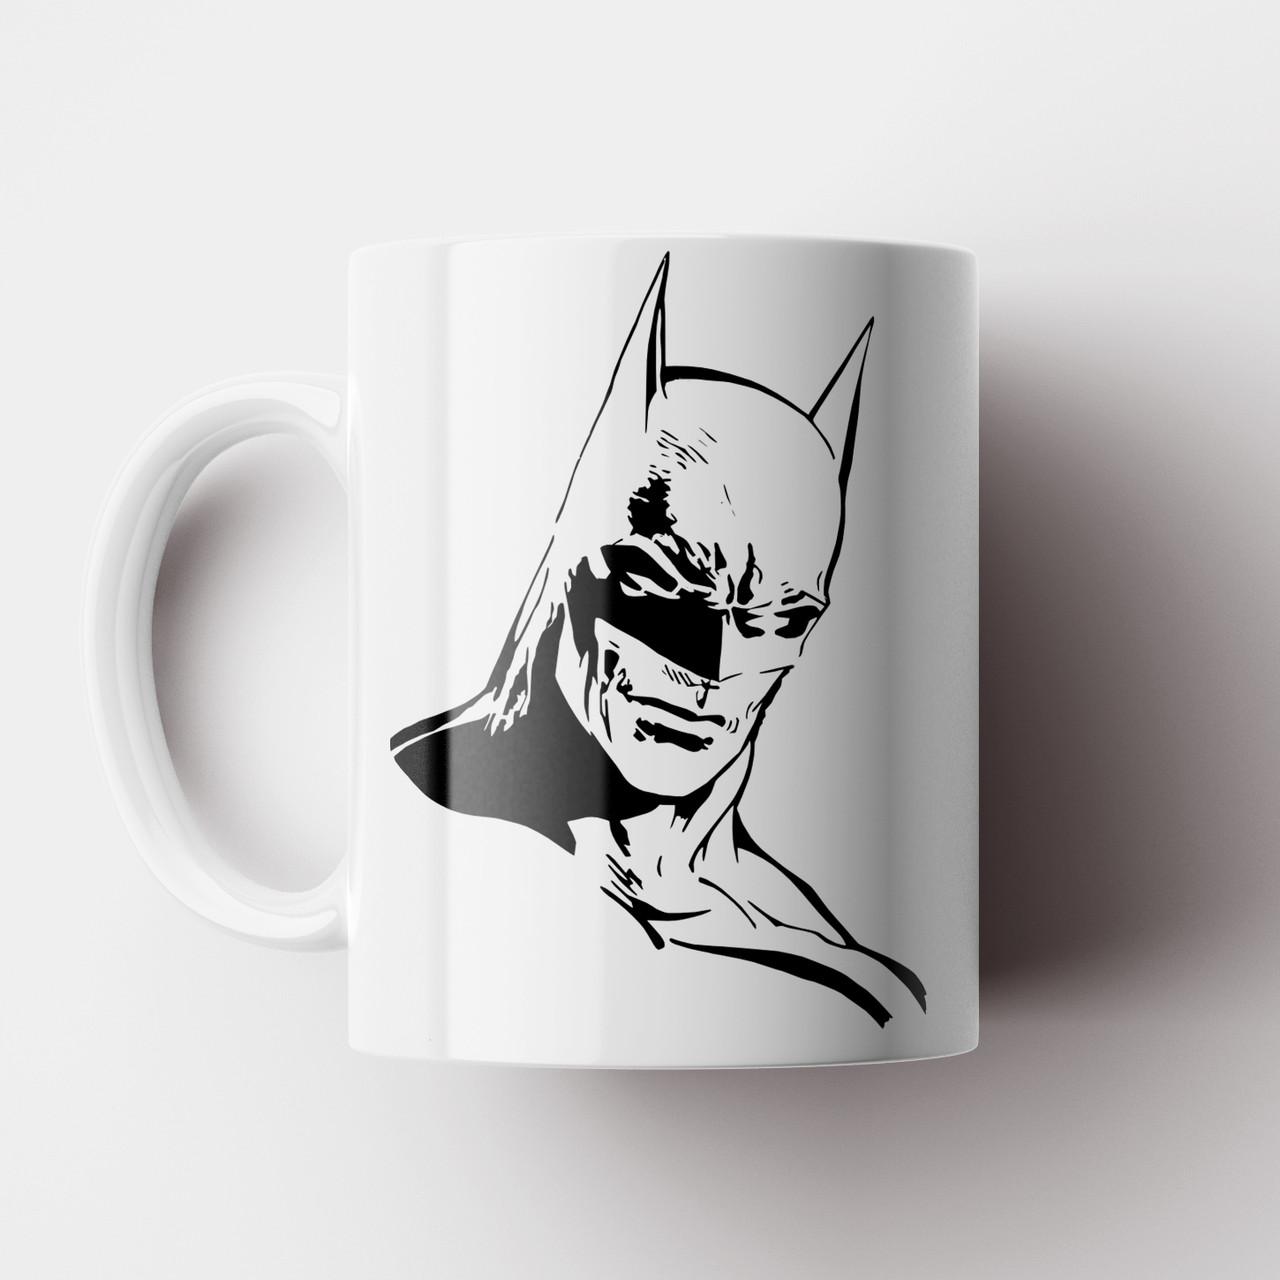 Кружка с принтом Batman. Чашка с принтом Бетмен. Чашка с фото